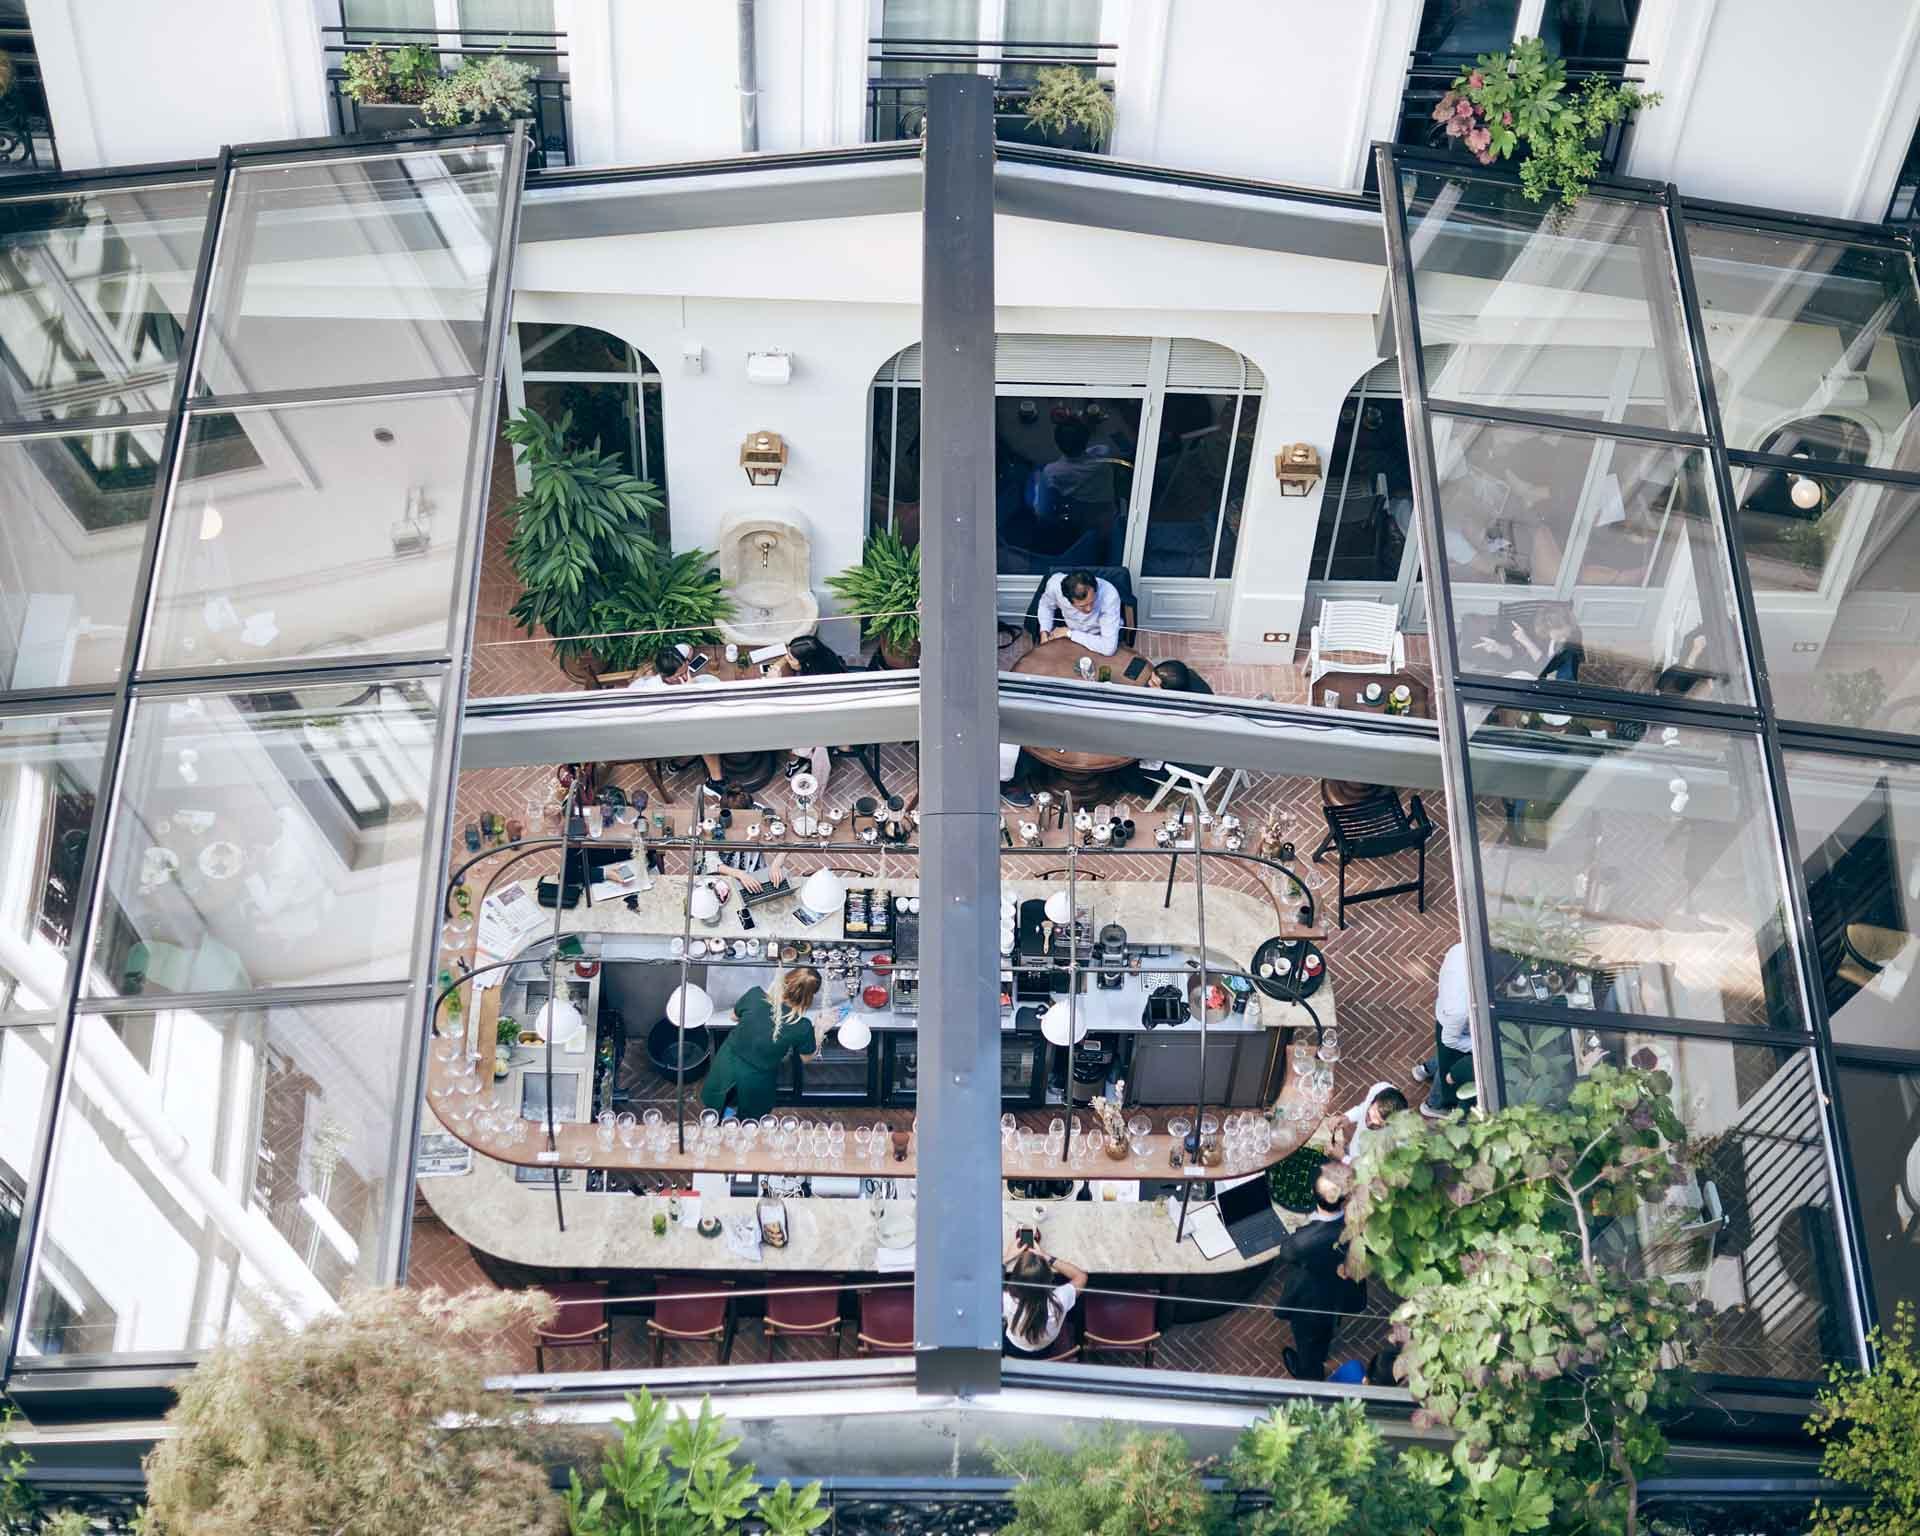 La verrière de l'Hôtel des Grands Boulevards avec le restaurant et le bar © Experimental Group